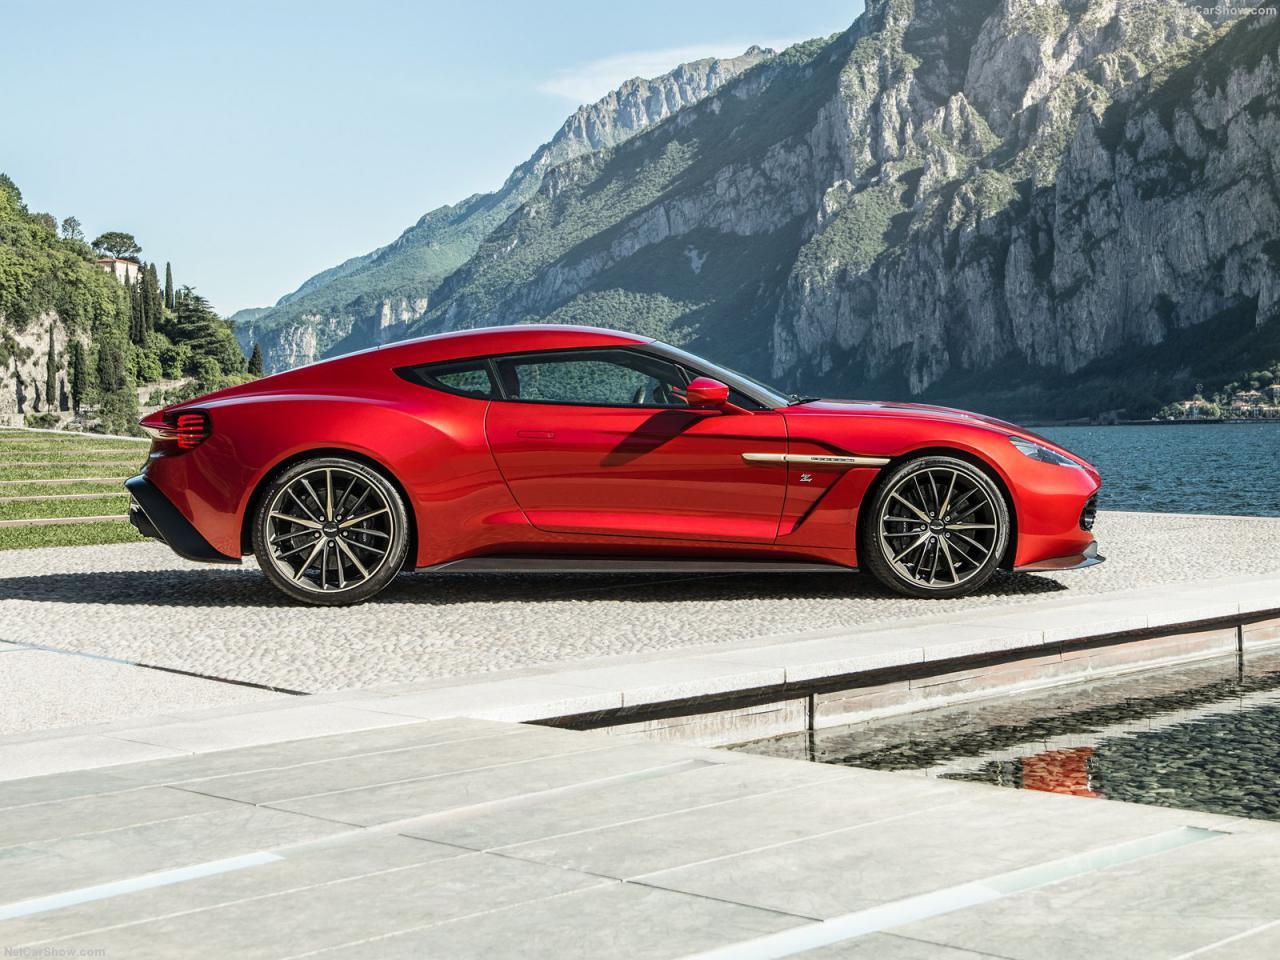 Aston Martin Vanquish Zagato (2017)